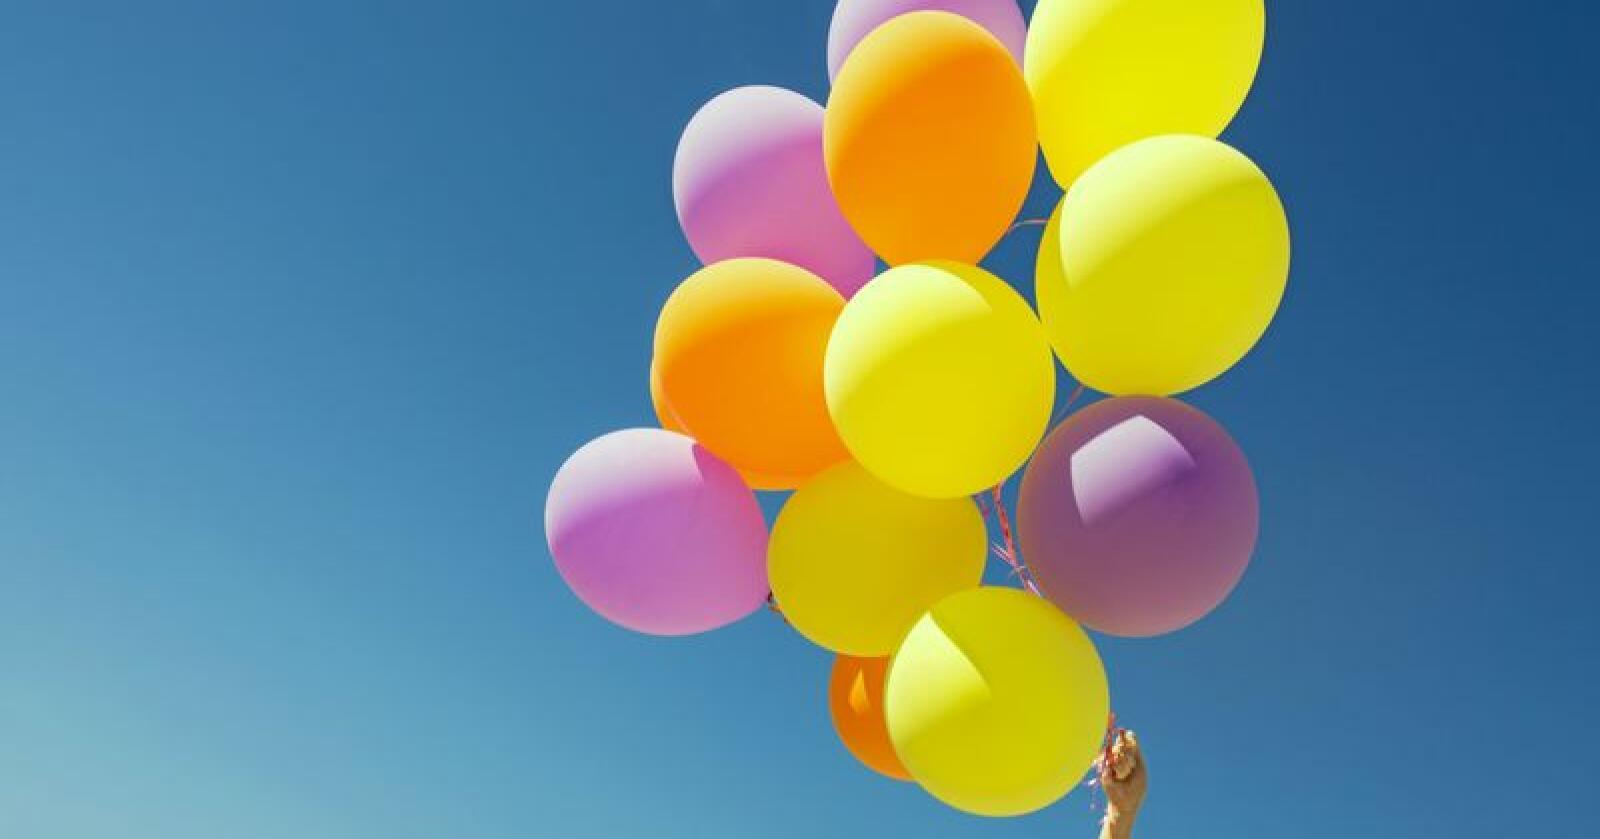 Ballonger kan gjøre skade på dyr som forsøker å svelge dem, det fikk en bonde i Skottland nylig oppleve. Foto: Lev Dolgachov / Mostphotos